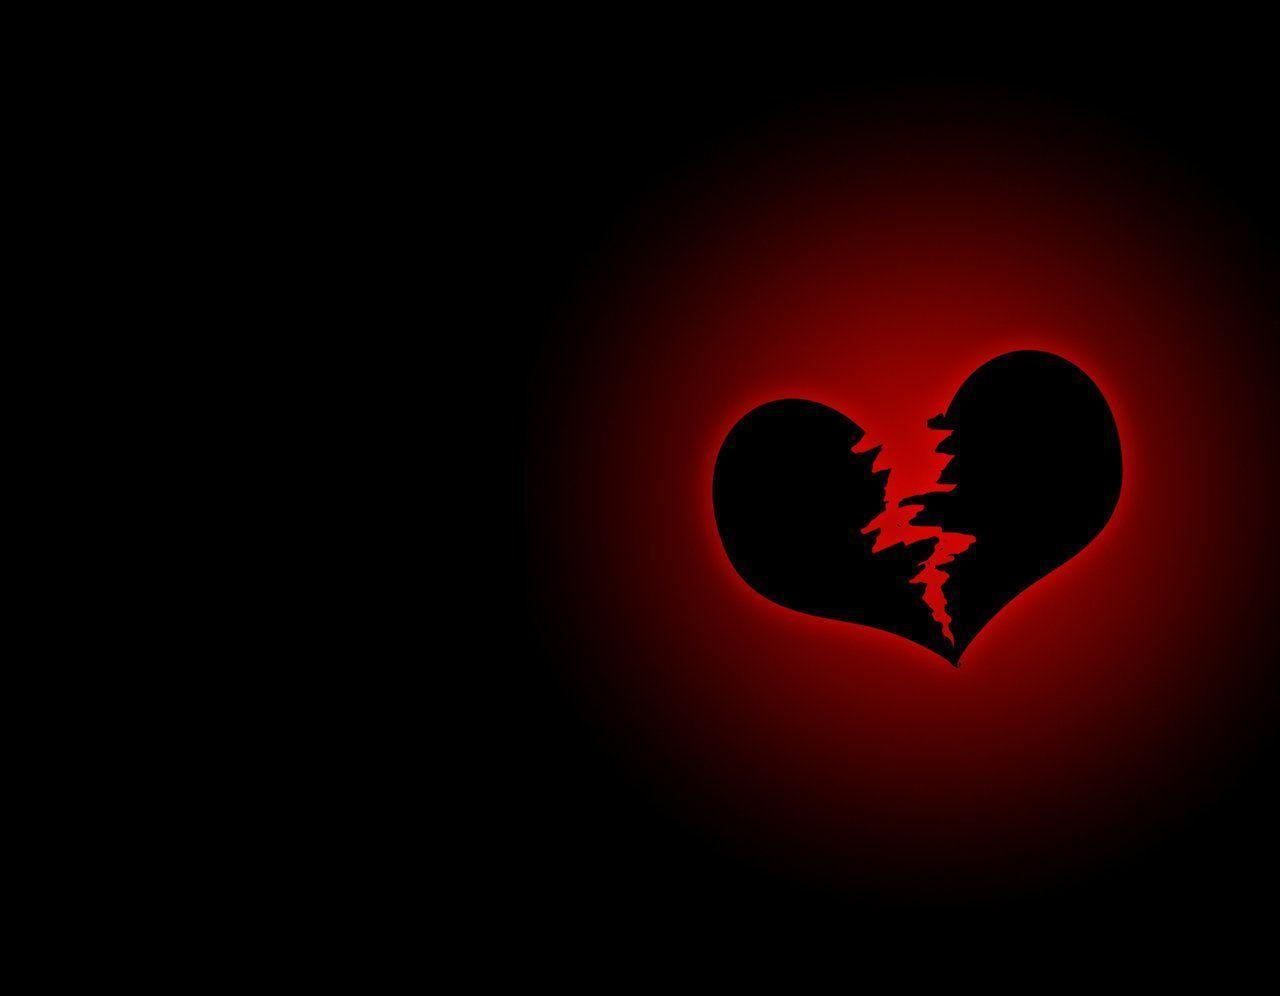 Wallpapers Heart Broken - Wallpaper Cave